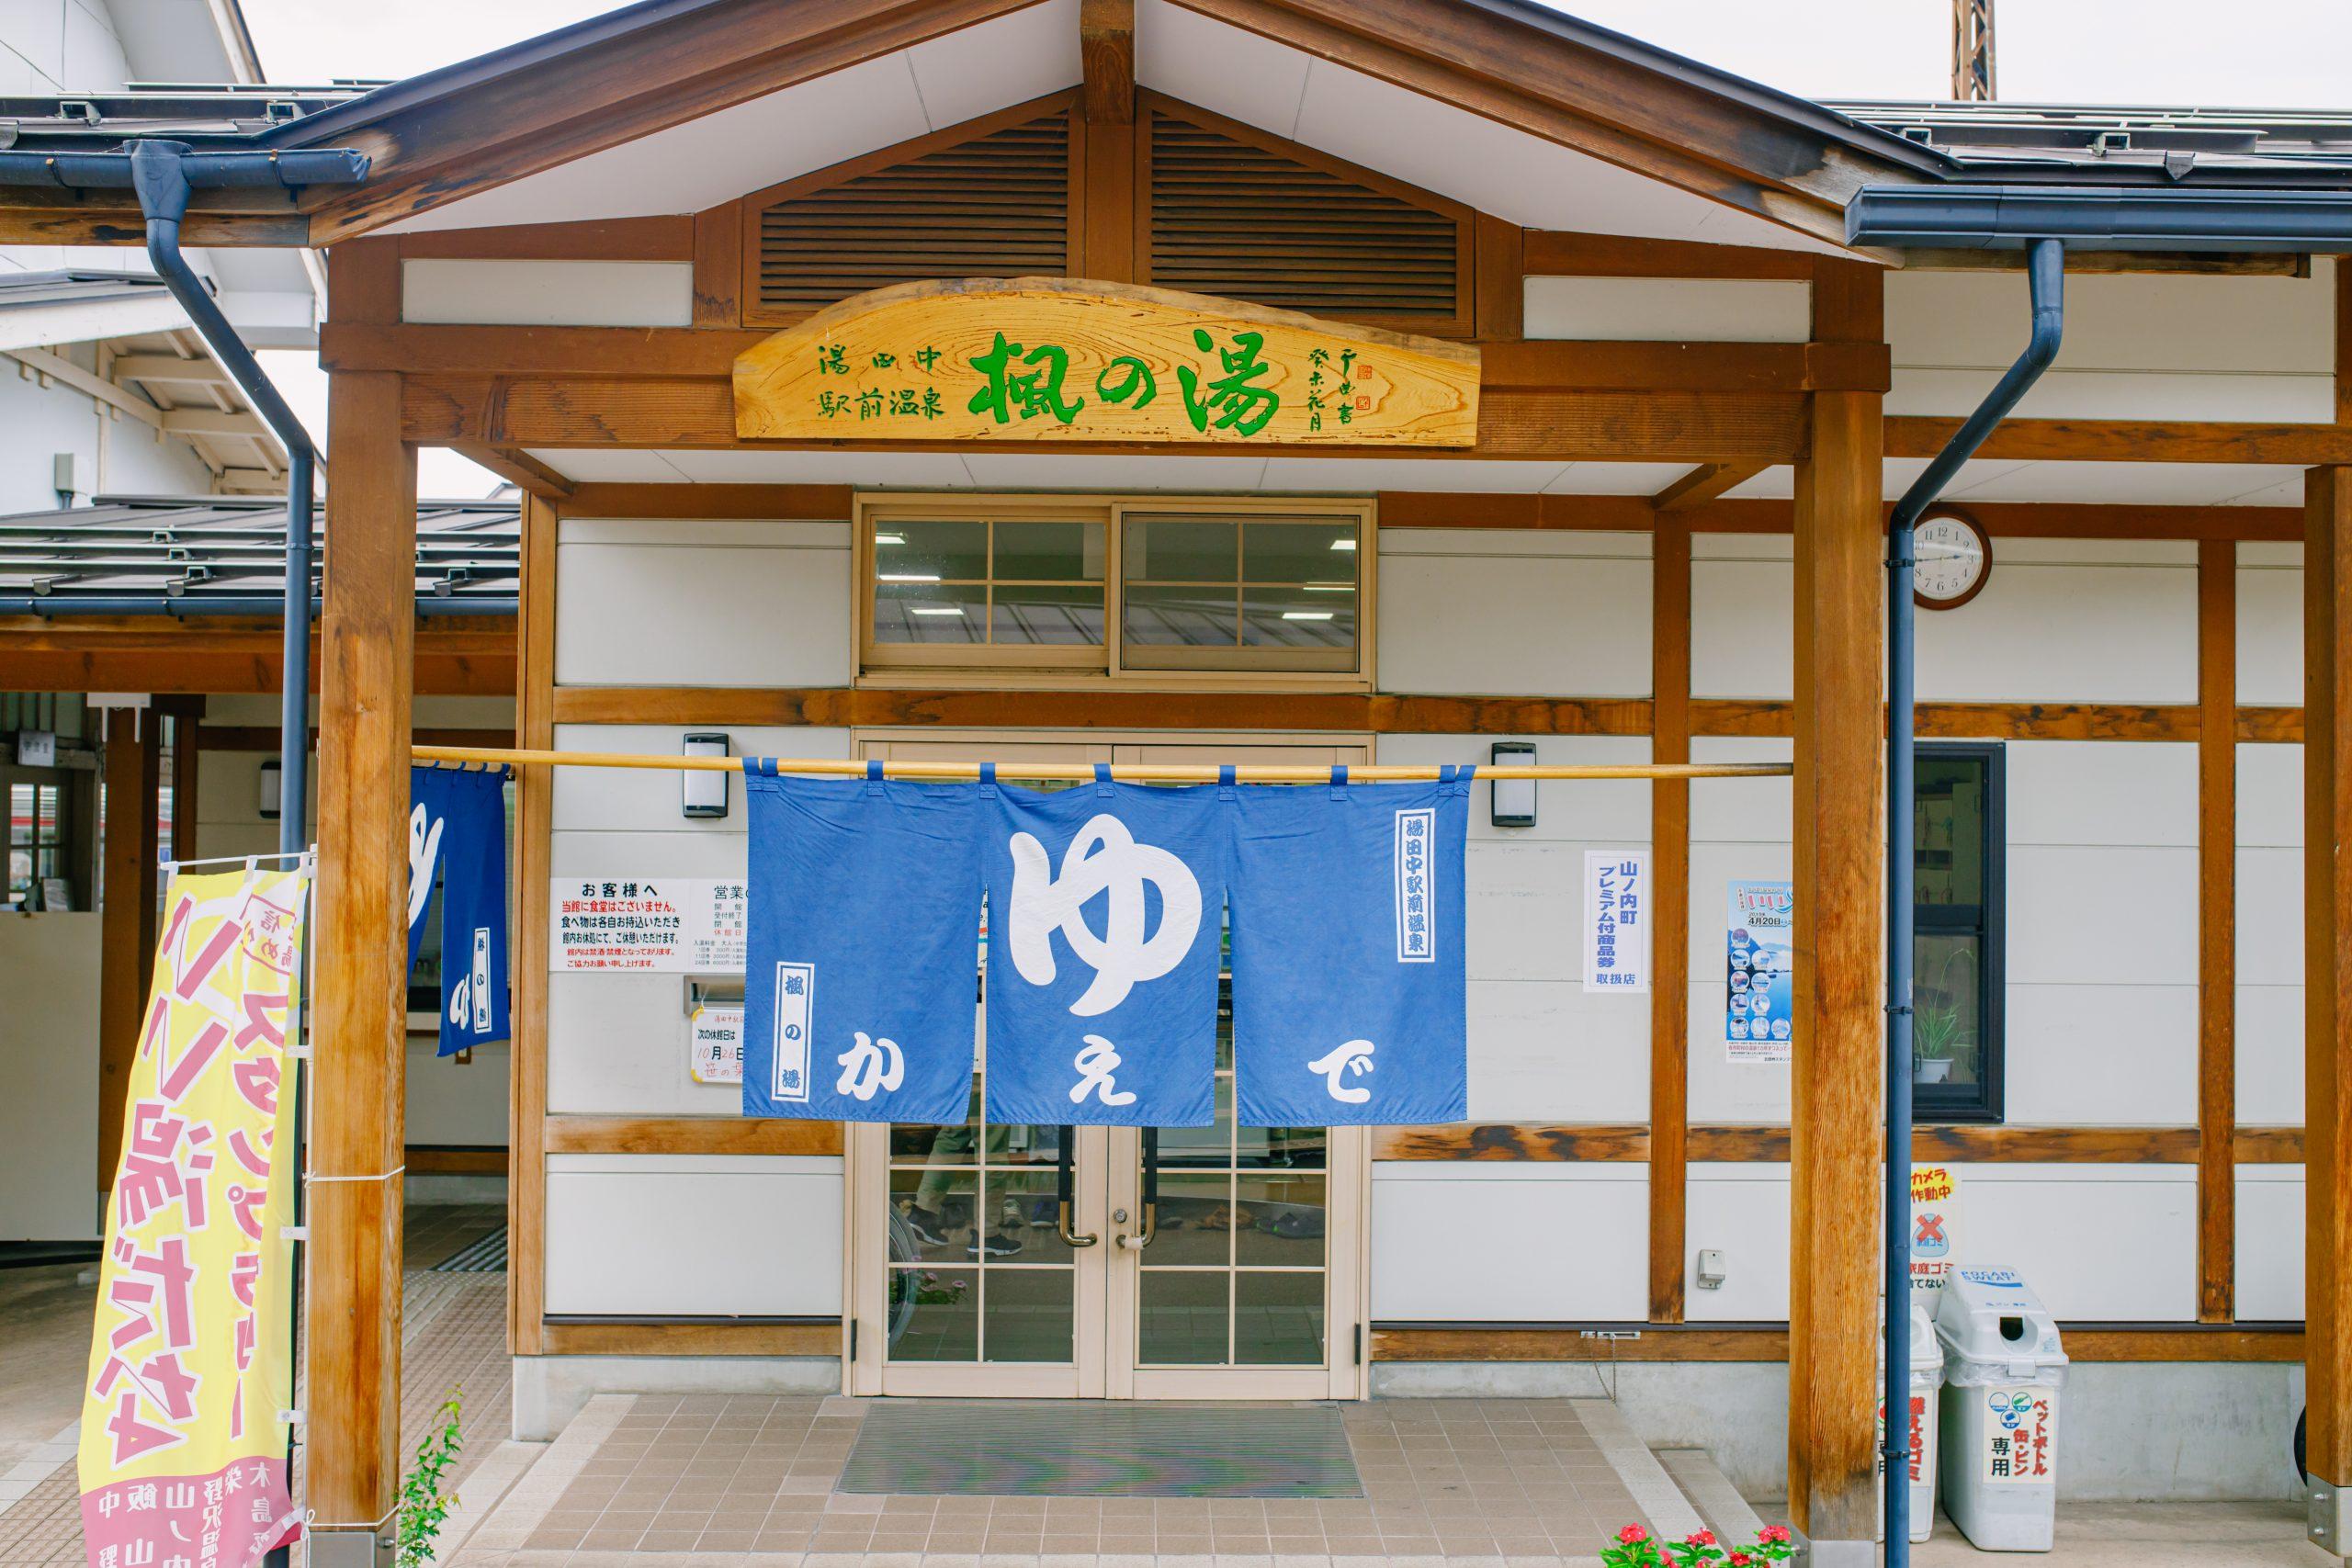 kaede-no-yu-yudanaka-onsen